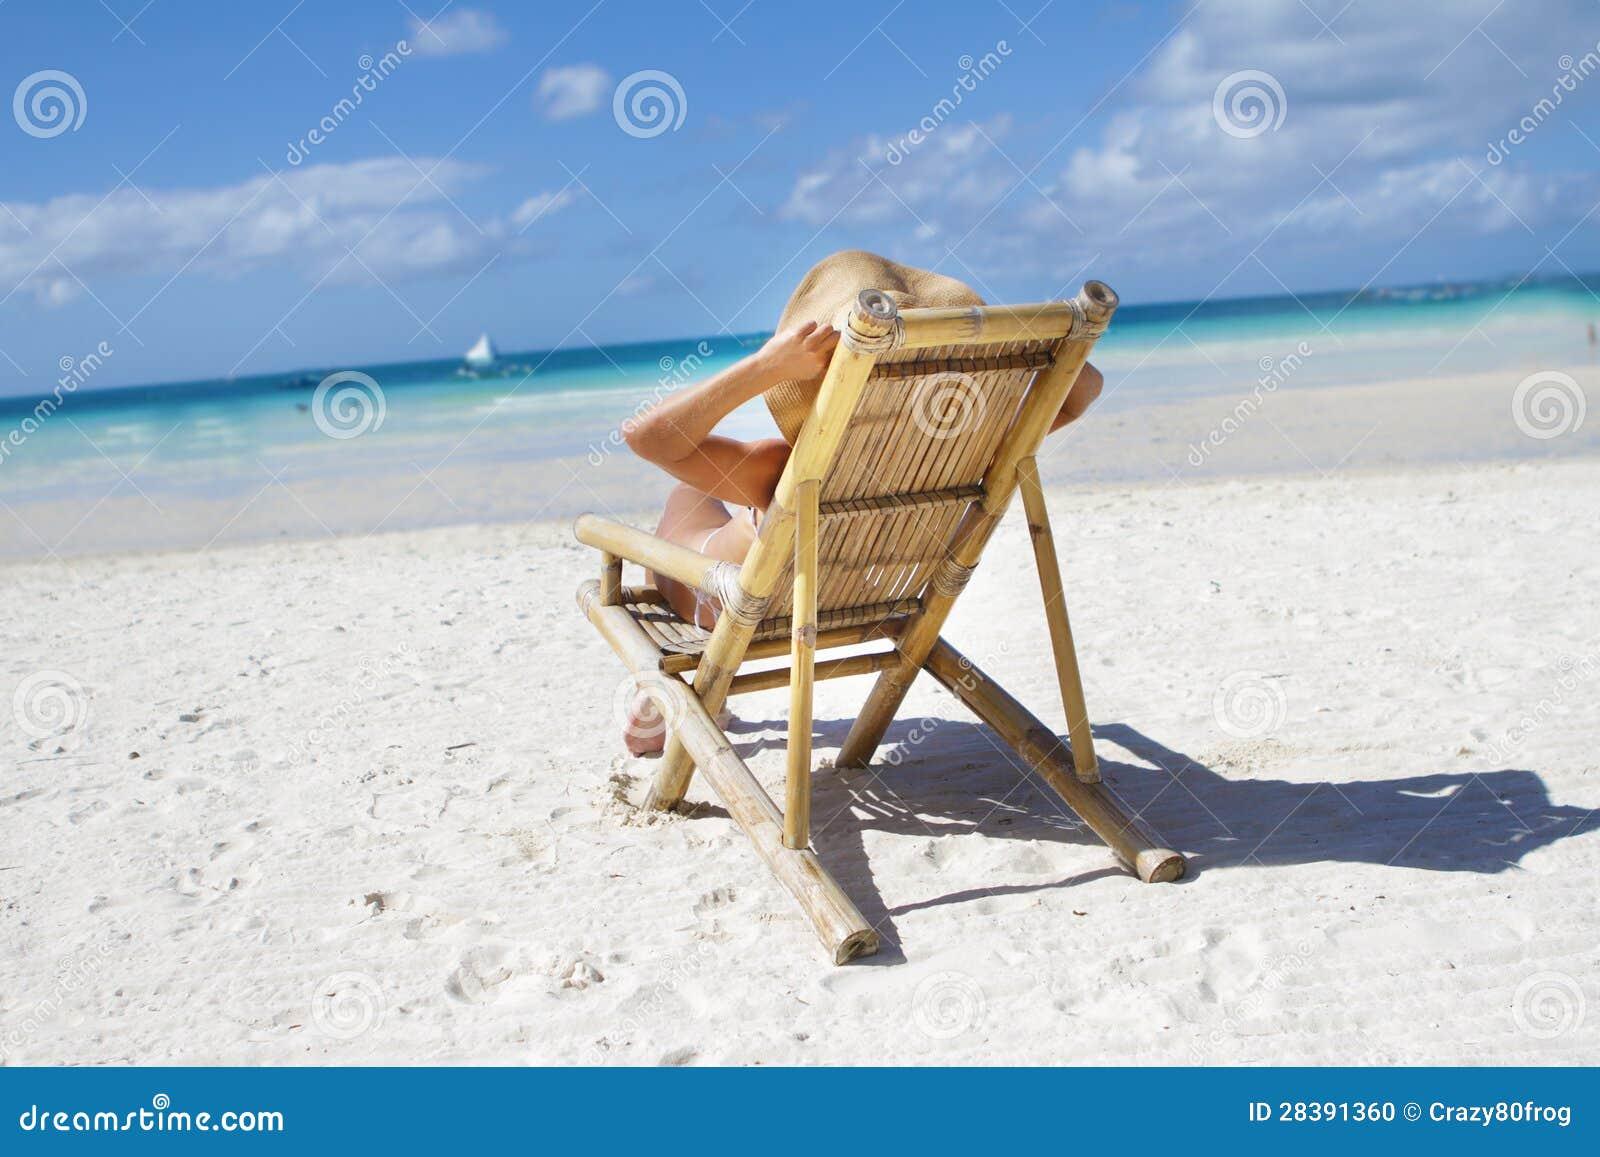 Sdraio Per La Spiaggia.Donna In Cappello Che Si Rilassa Sulla Spiaggia Su Uno Sdraio